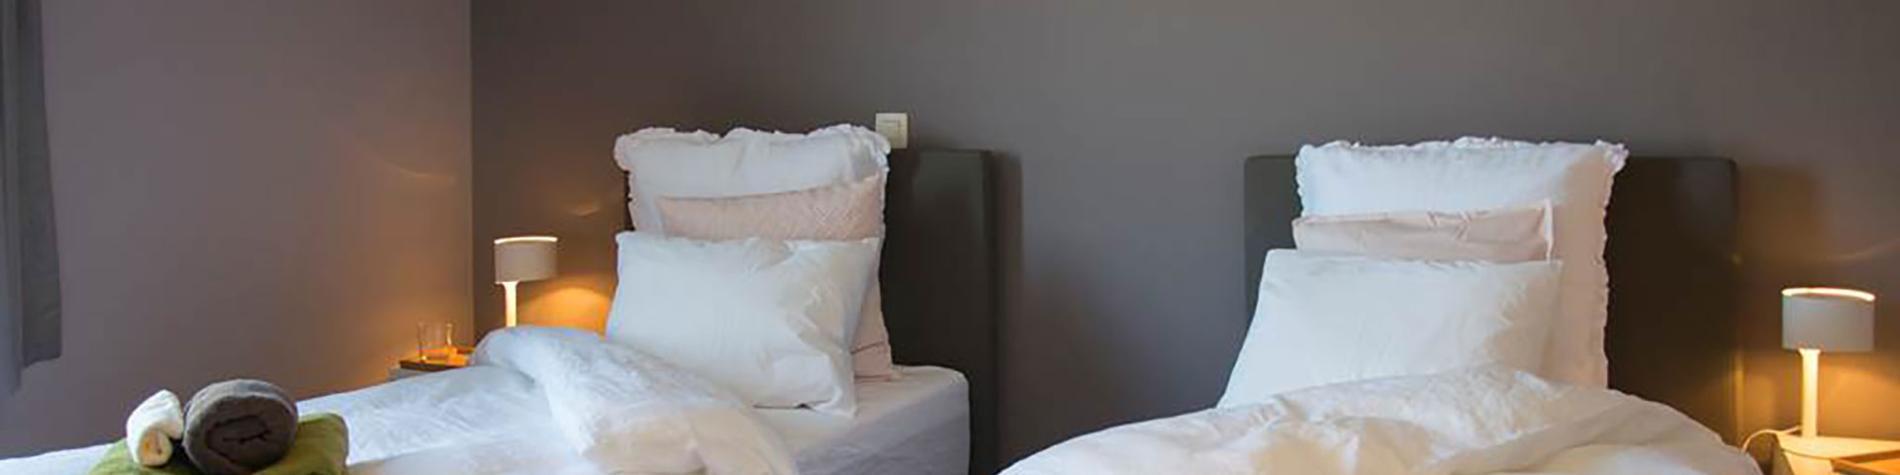 Maison d'hôtes - Les Petits Secrets de Nonna - Florennes - chambre